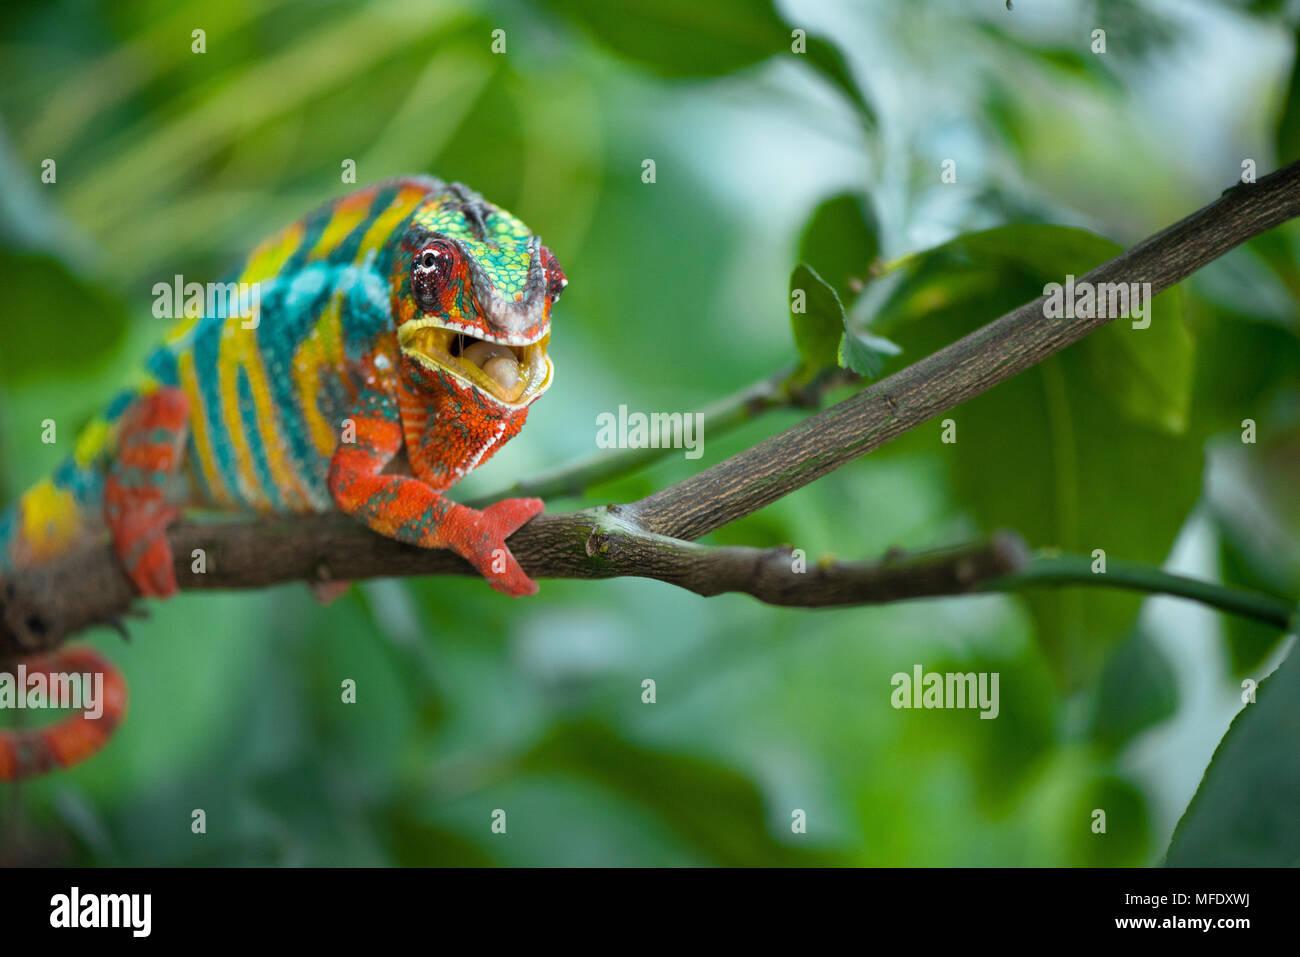 Caméléon panthère avec des couleurs vives sur une branche / colorful chameleon Furcifer pardalis Caméléon / / / Madagascar wildlife mounth ouvert Photo Stock